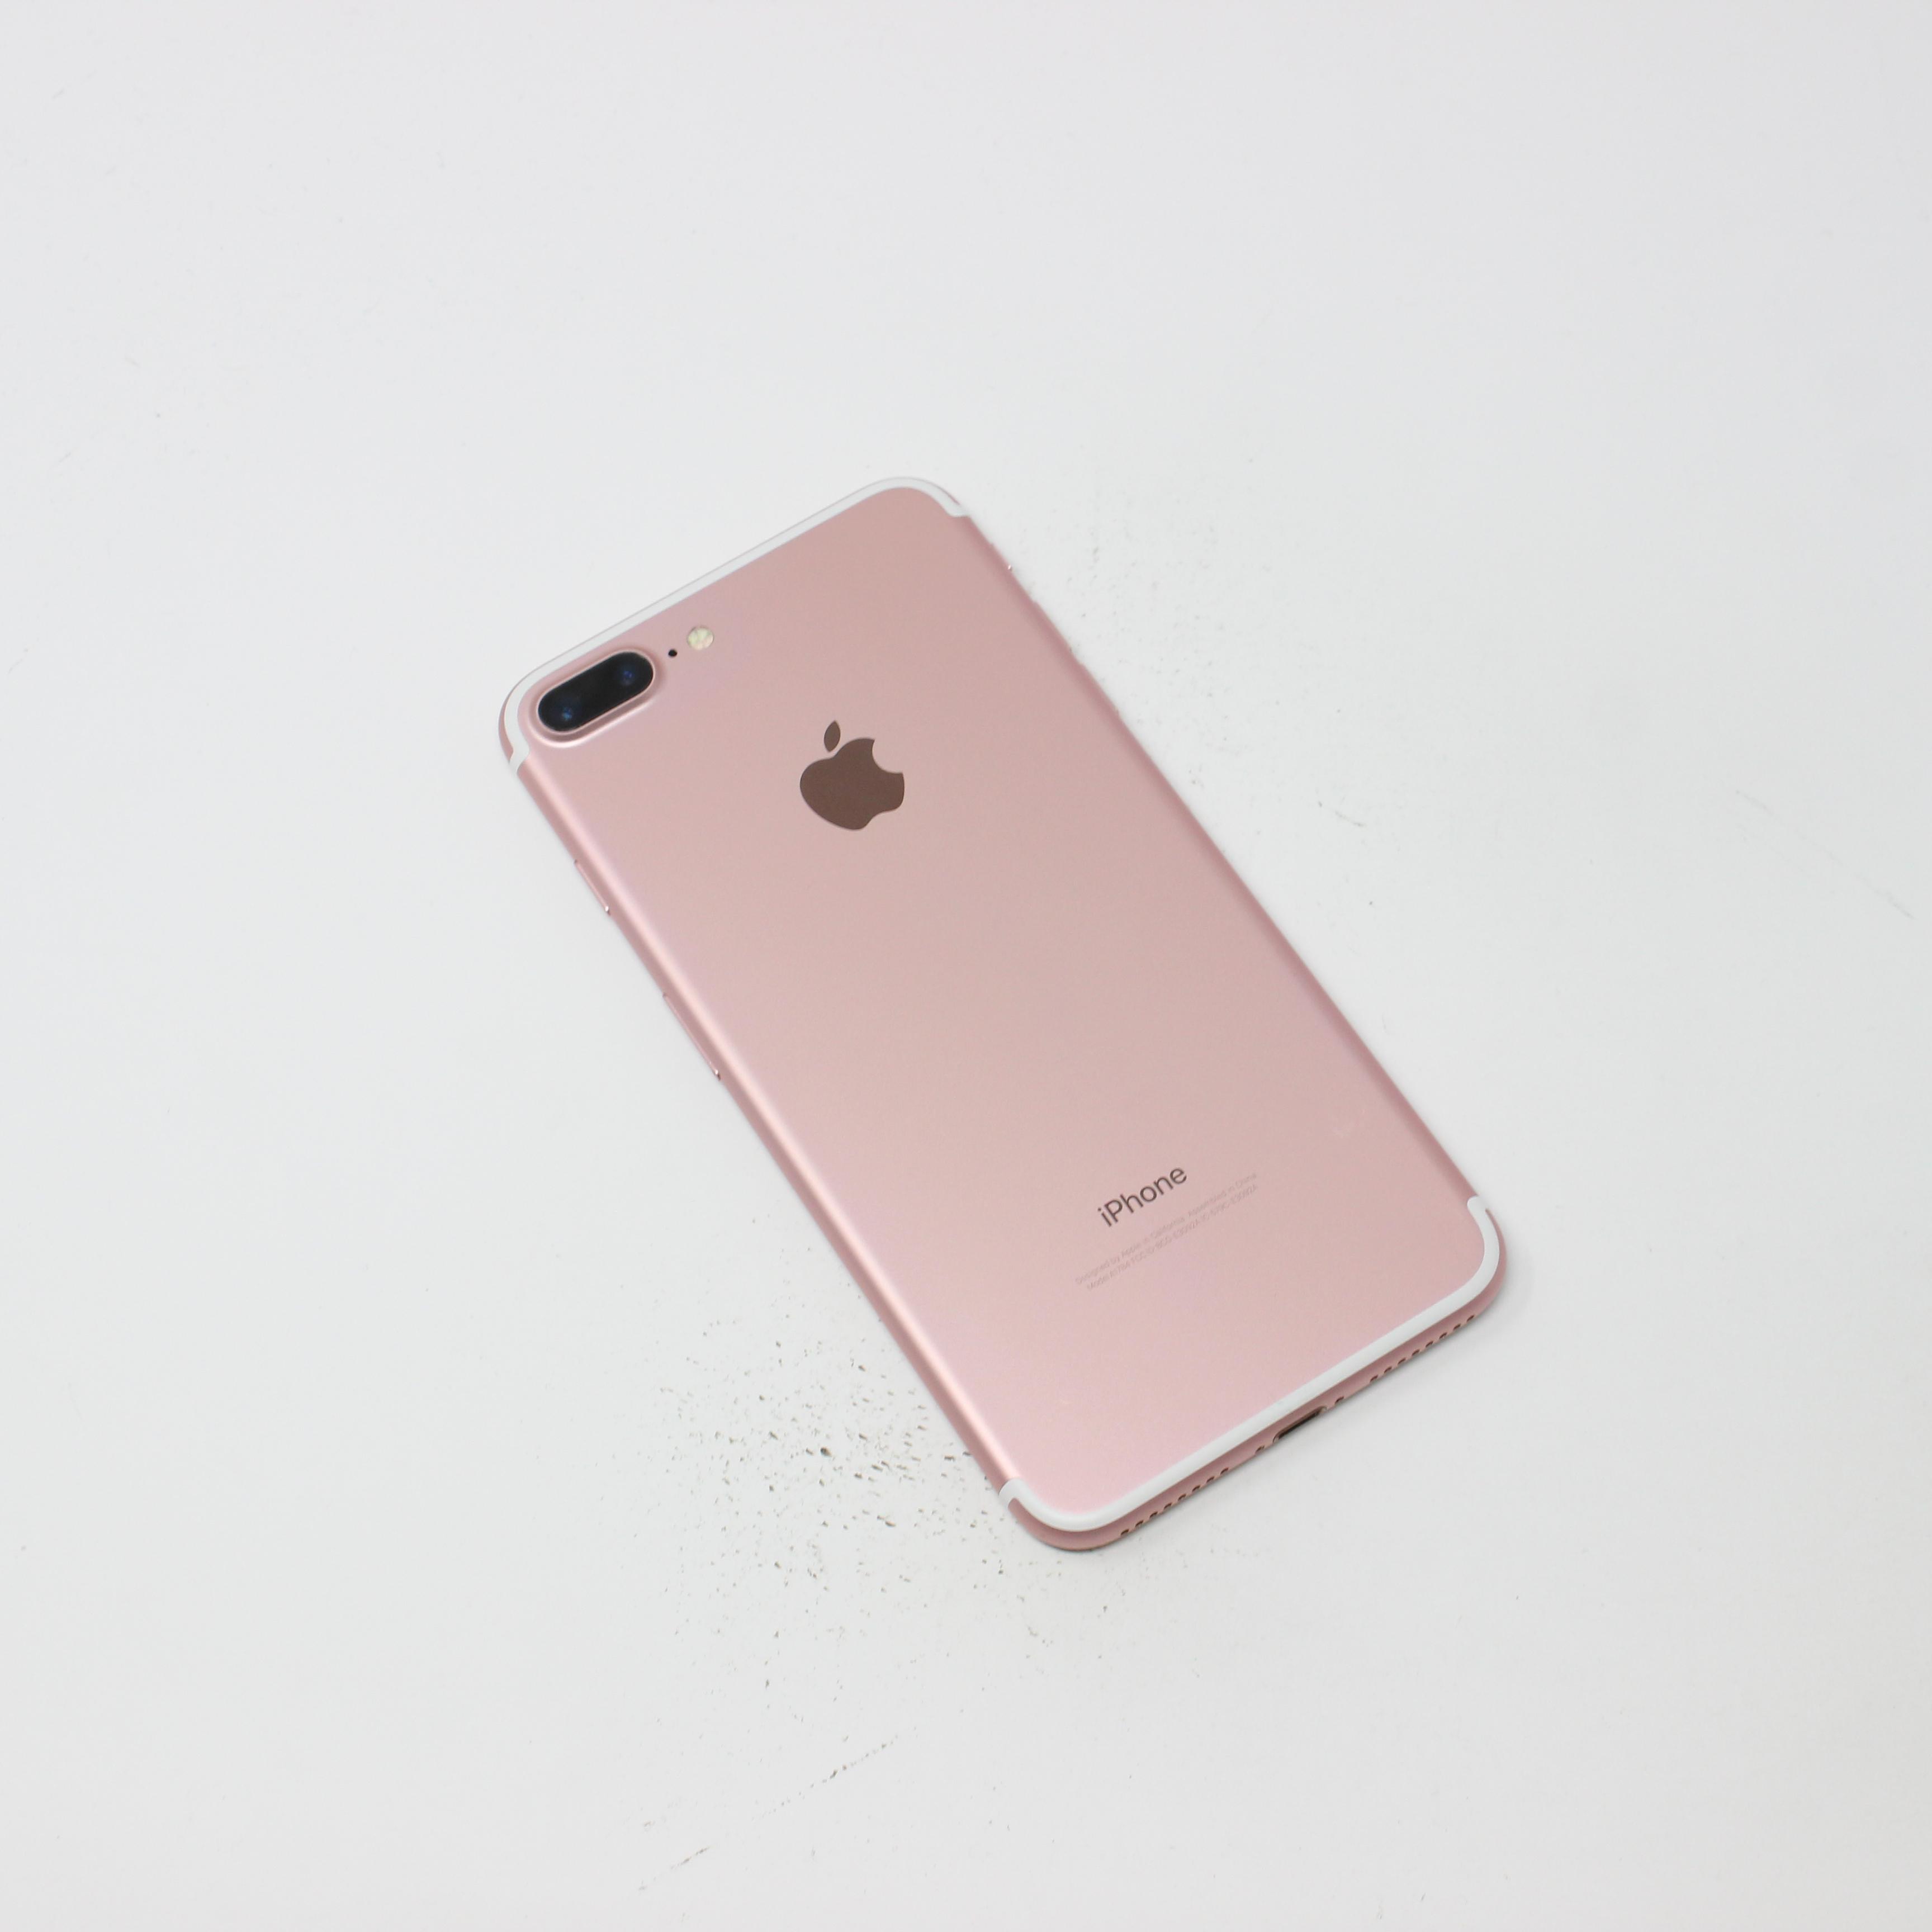 iPhone 7 32GB Rose Gold - T-Mobile photo 3 | UpTradeit.com